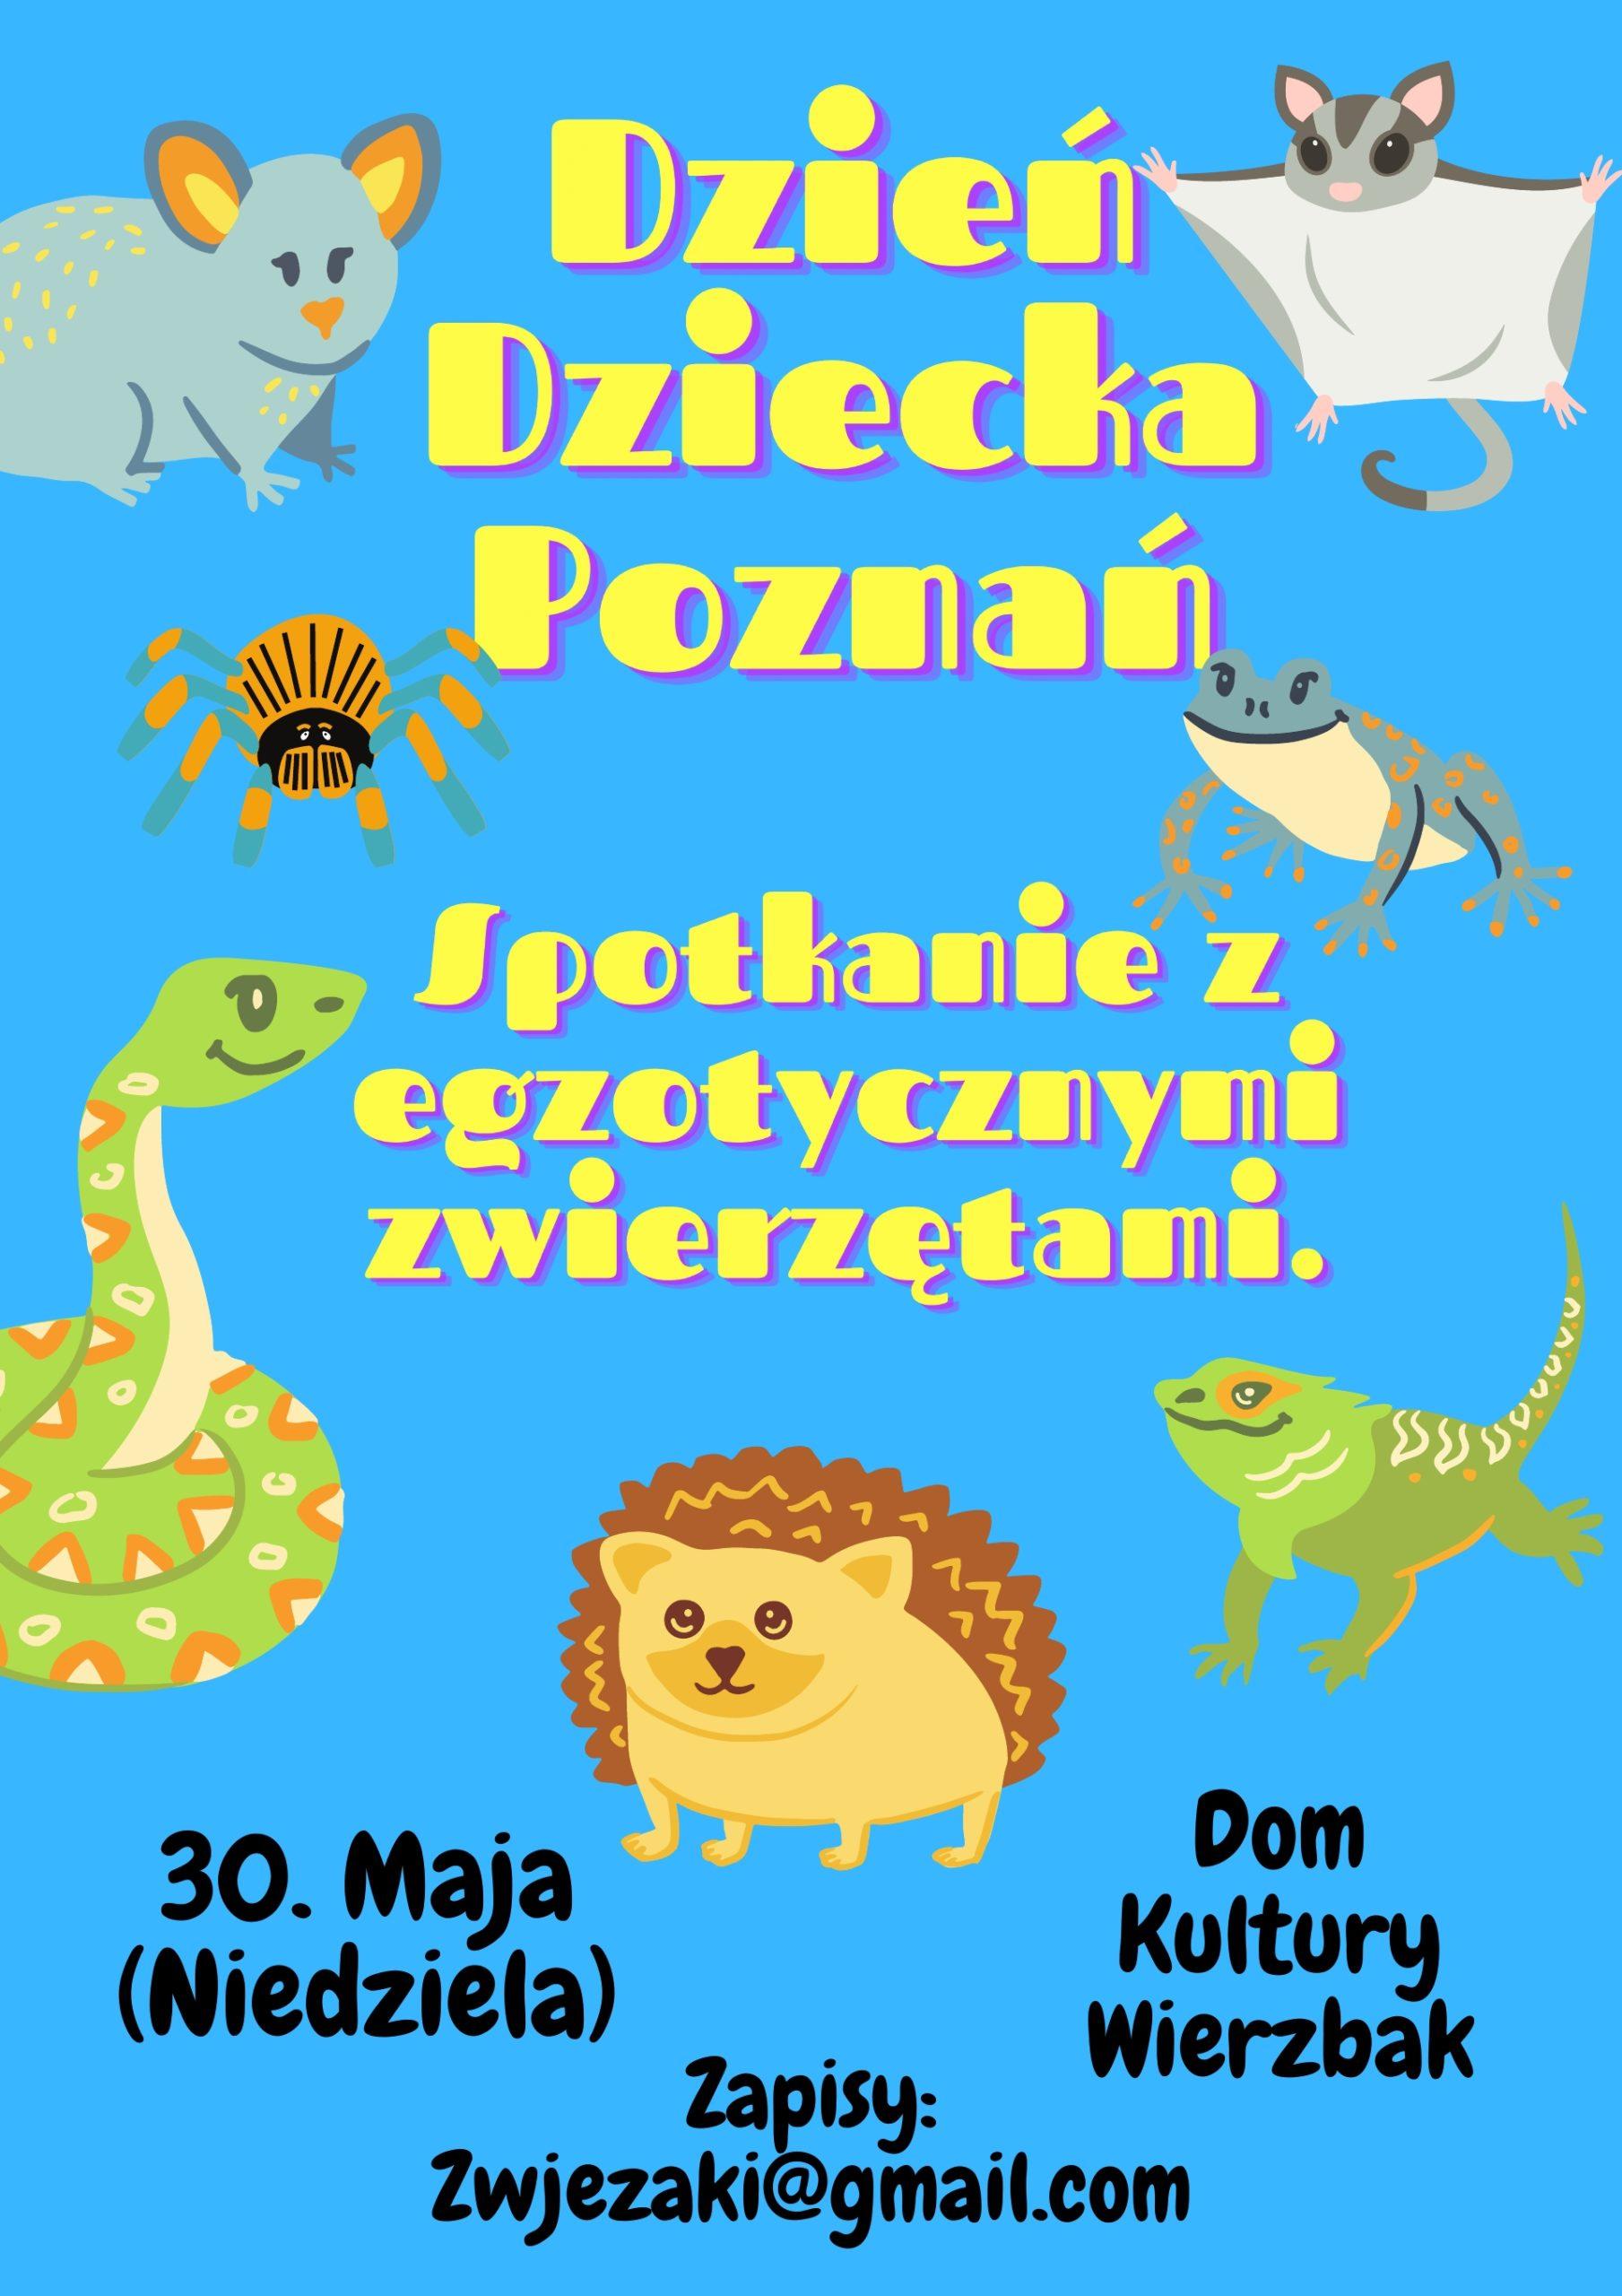 Dzień Dziecka w Poznaniu: Spotkanie z Egzotycznymi Zwierzętami